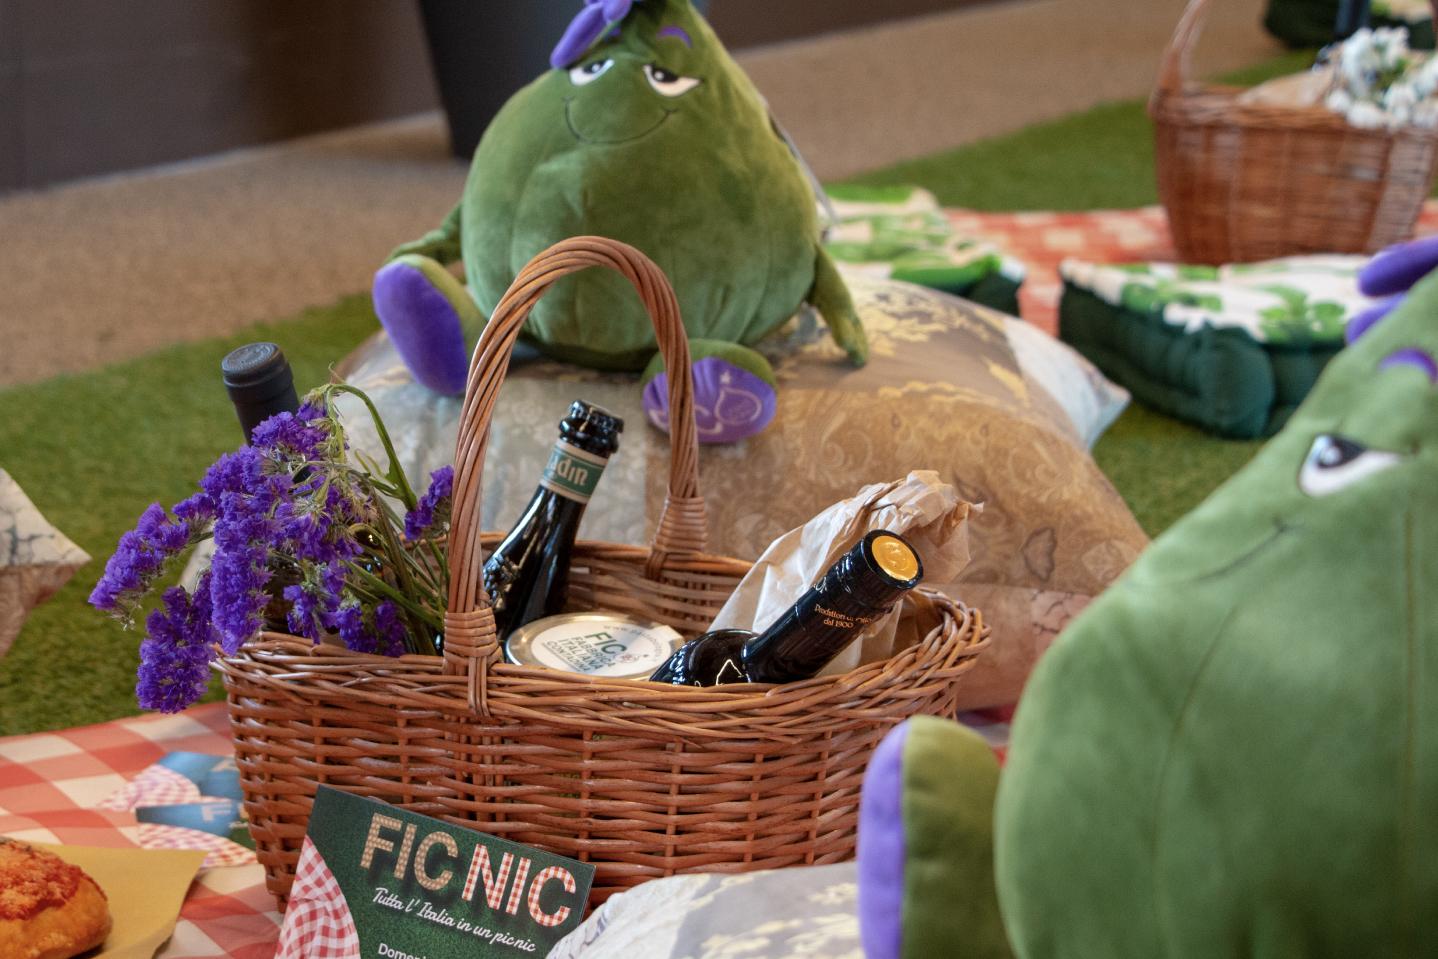 ficnic